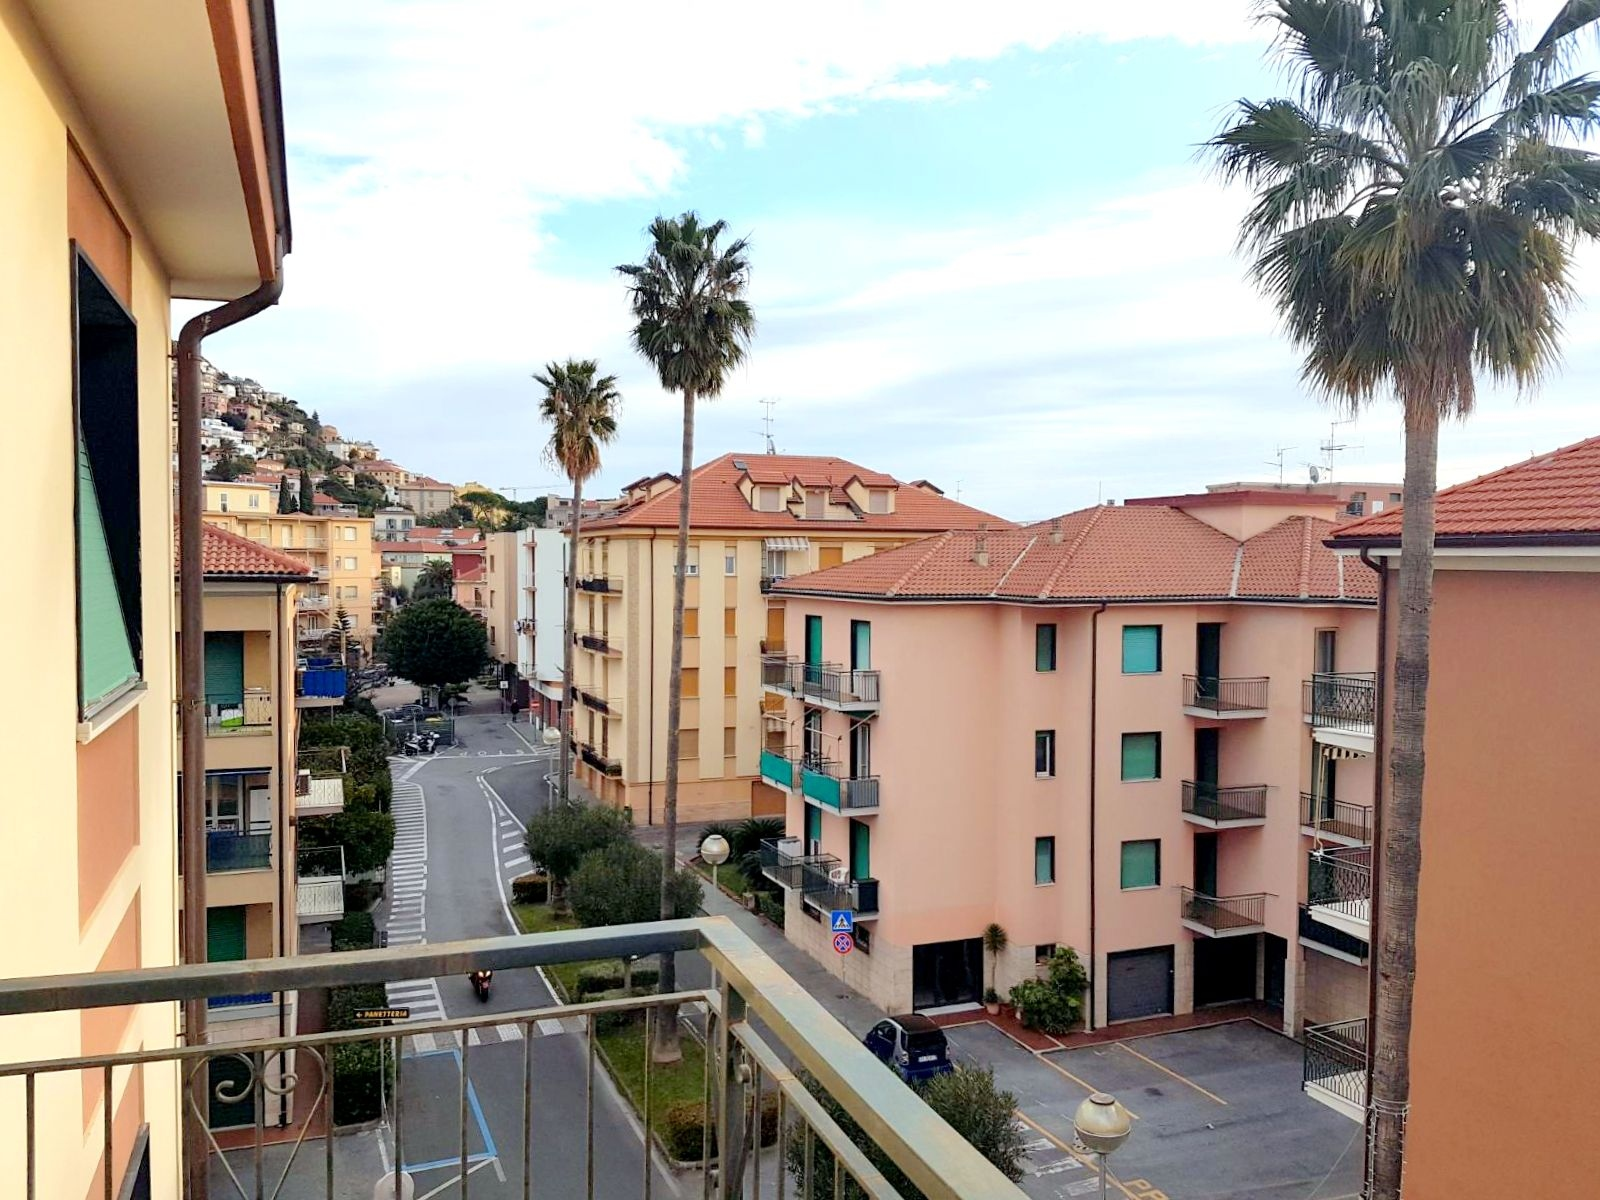 Appartamento in affitto a Borgio Verezzi, 3 locali, zona Zona: Borgio, prezzo € 550 | CambioCasa.it